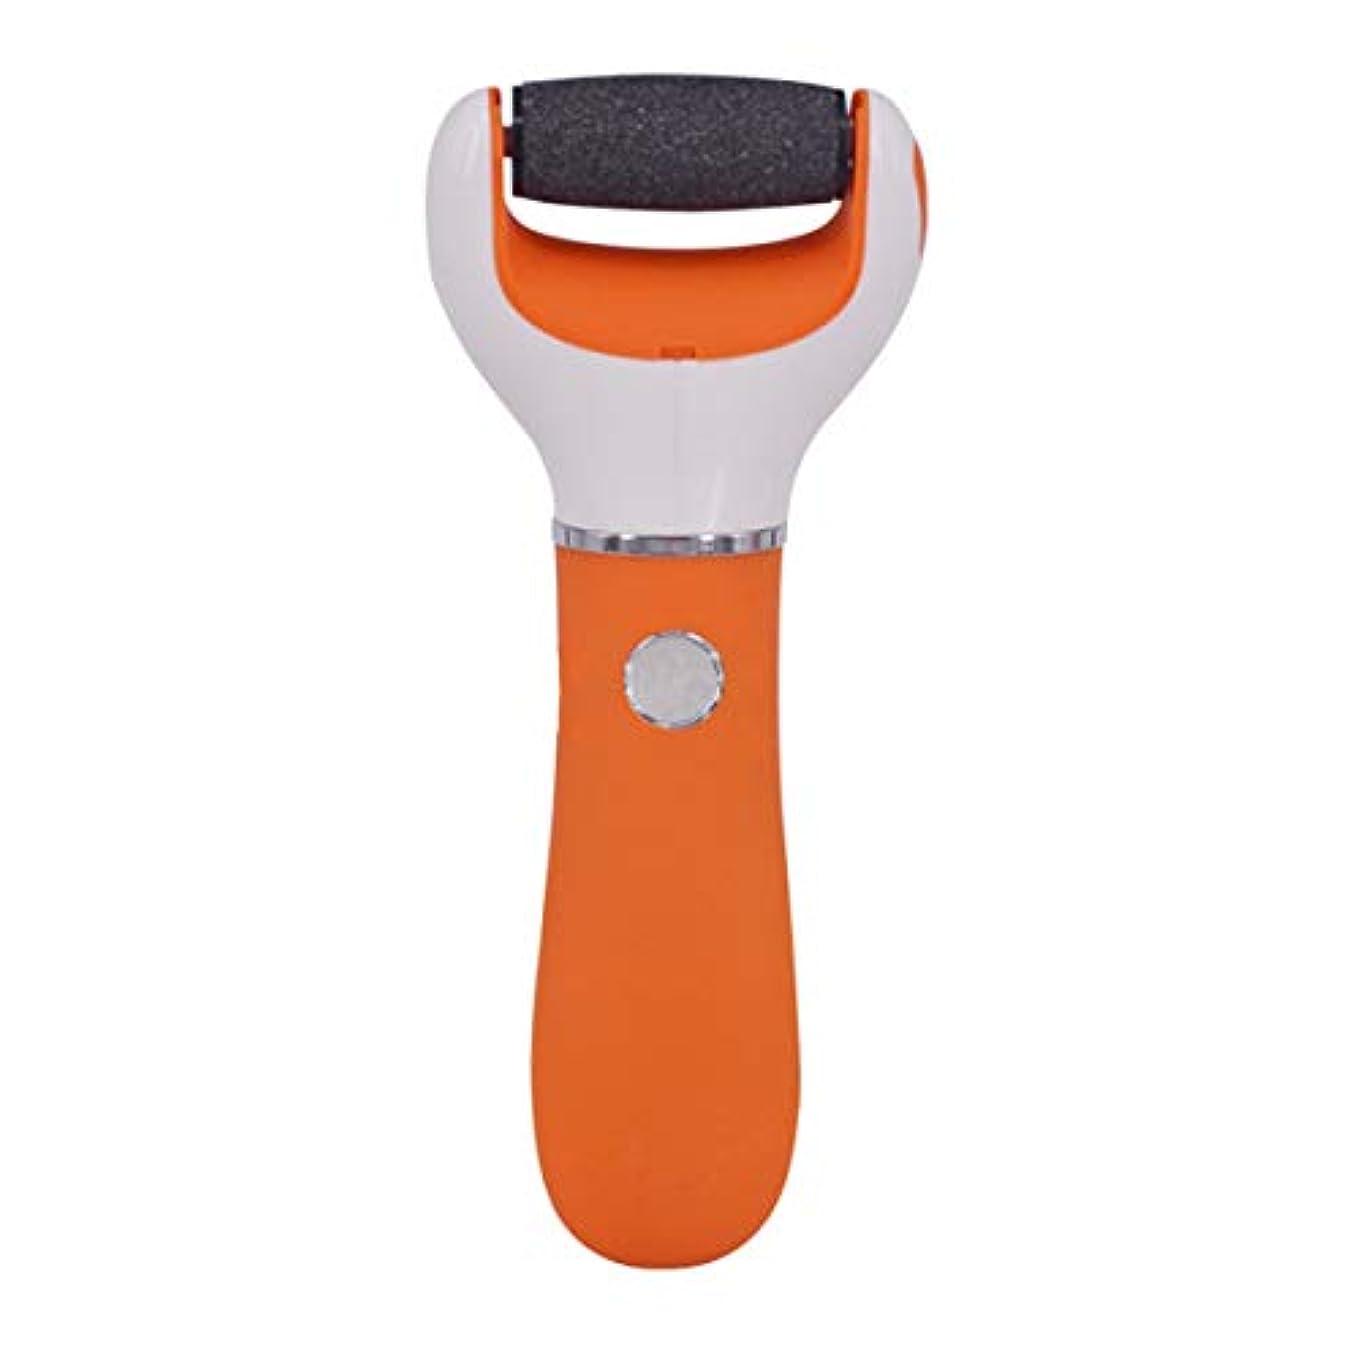 知らせるスタジオベンチャー電気足ファイルデバイスの充電式電気ペディキュアデバイスは、たこのペディキュアの楽器を剥離します,Orange